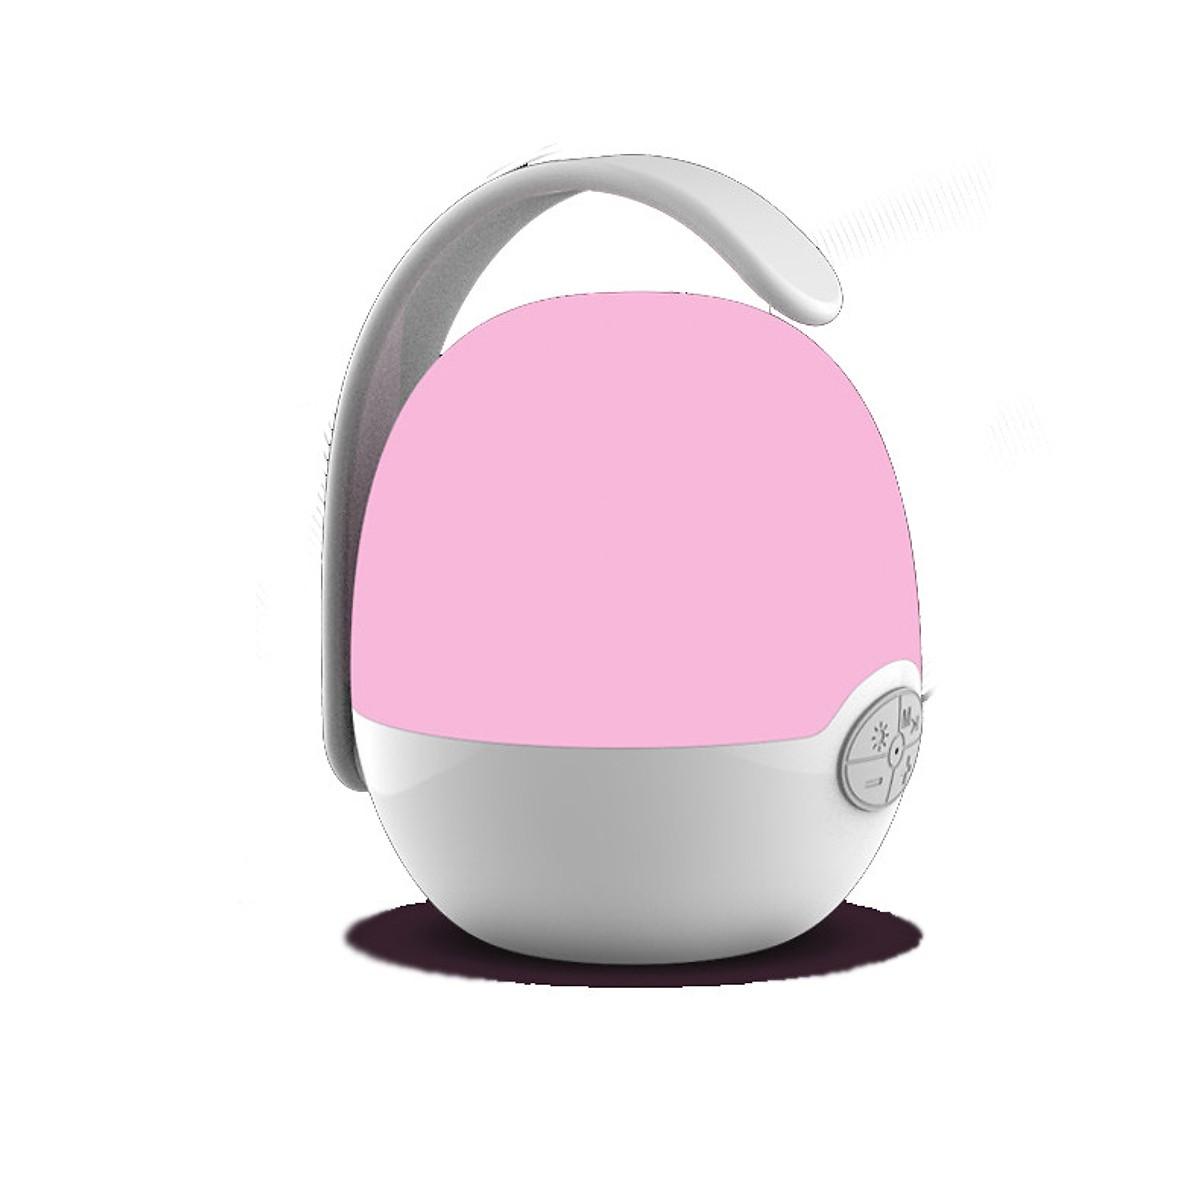 Loa Nghe Nhạc Mini Siêu Trầm Hình Quả Trứng+ Tai Nghe Kèm Mic Đàm Thoại Bluetooth Cao Cấp (Màu Ngẫu Nhiên)